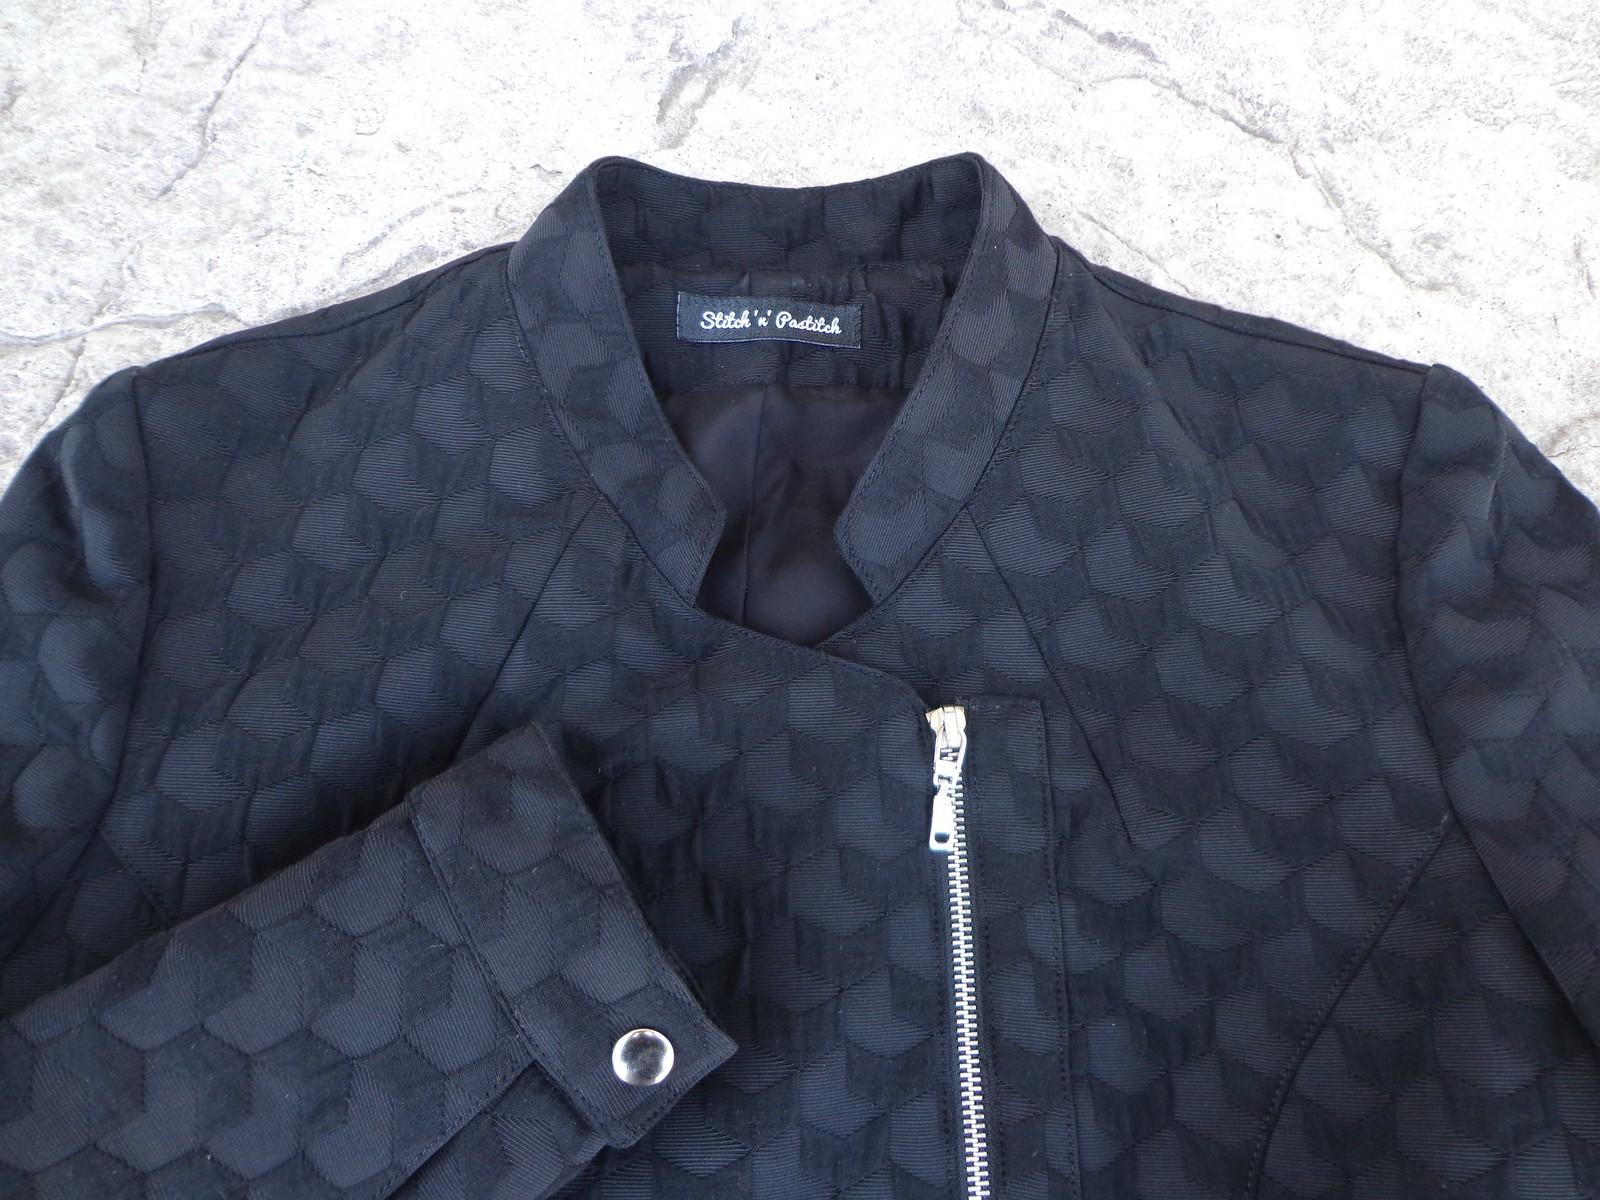 Dettagli giacca asimmetrica Burda